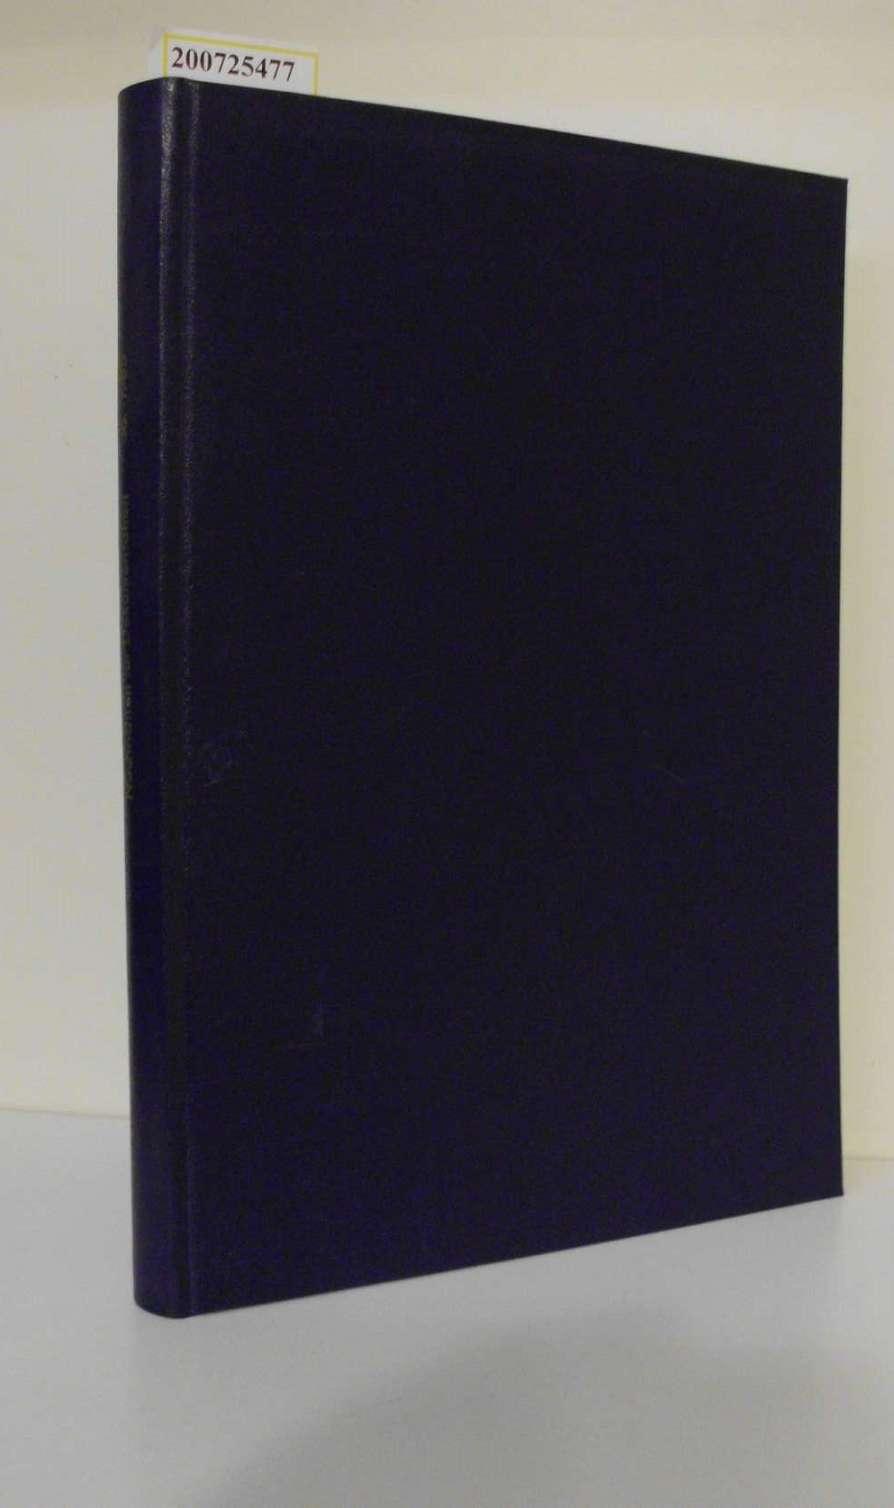 Nachrichten für Dokumentation herausgegeben von der Deutschen Gesellschaft für Dokumentation e. V. , 36. Jahrgang 1985 Zeitschrift für Information und Dokumentation mit Schrifttum zu den Informationswissenschaften